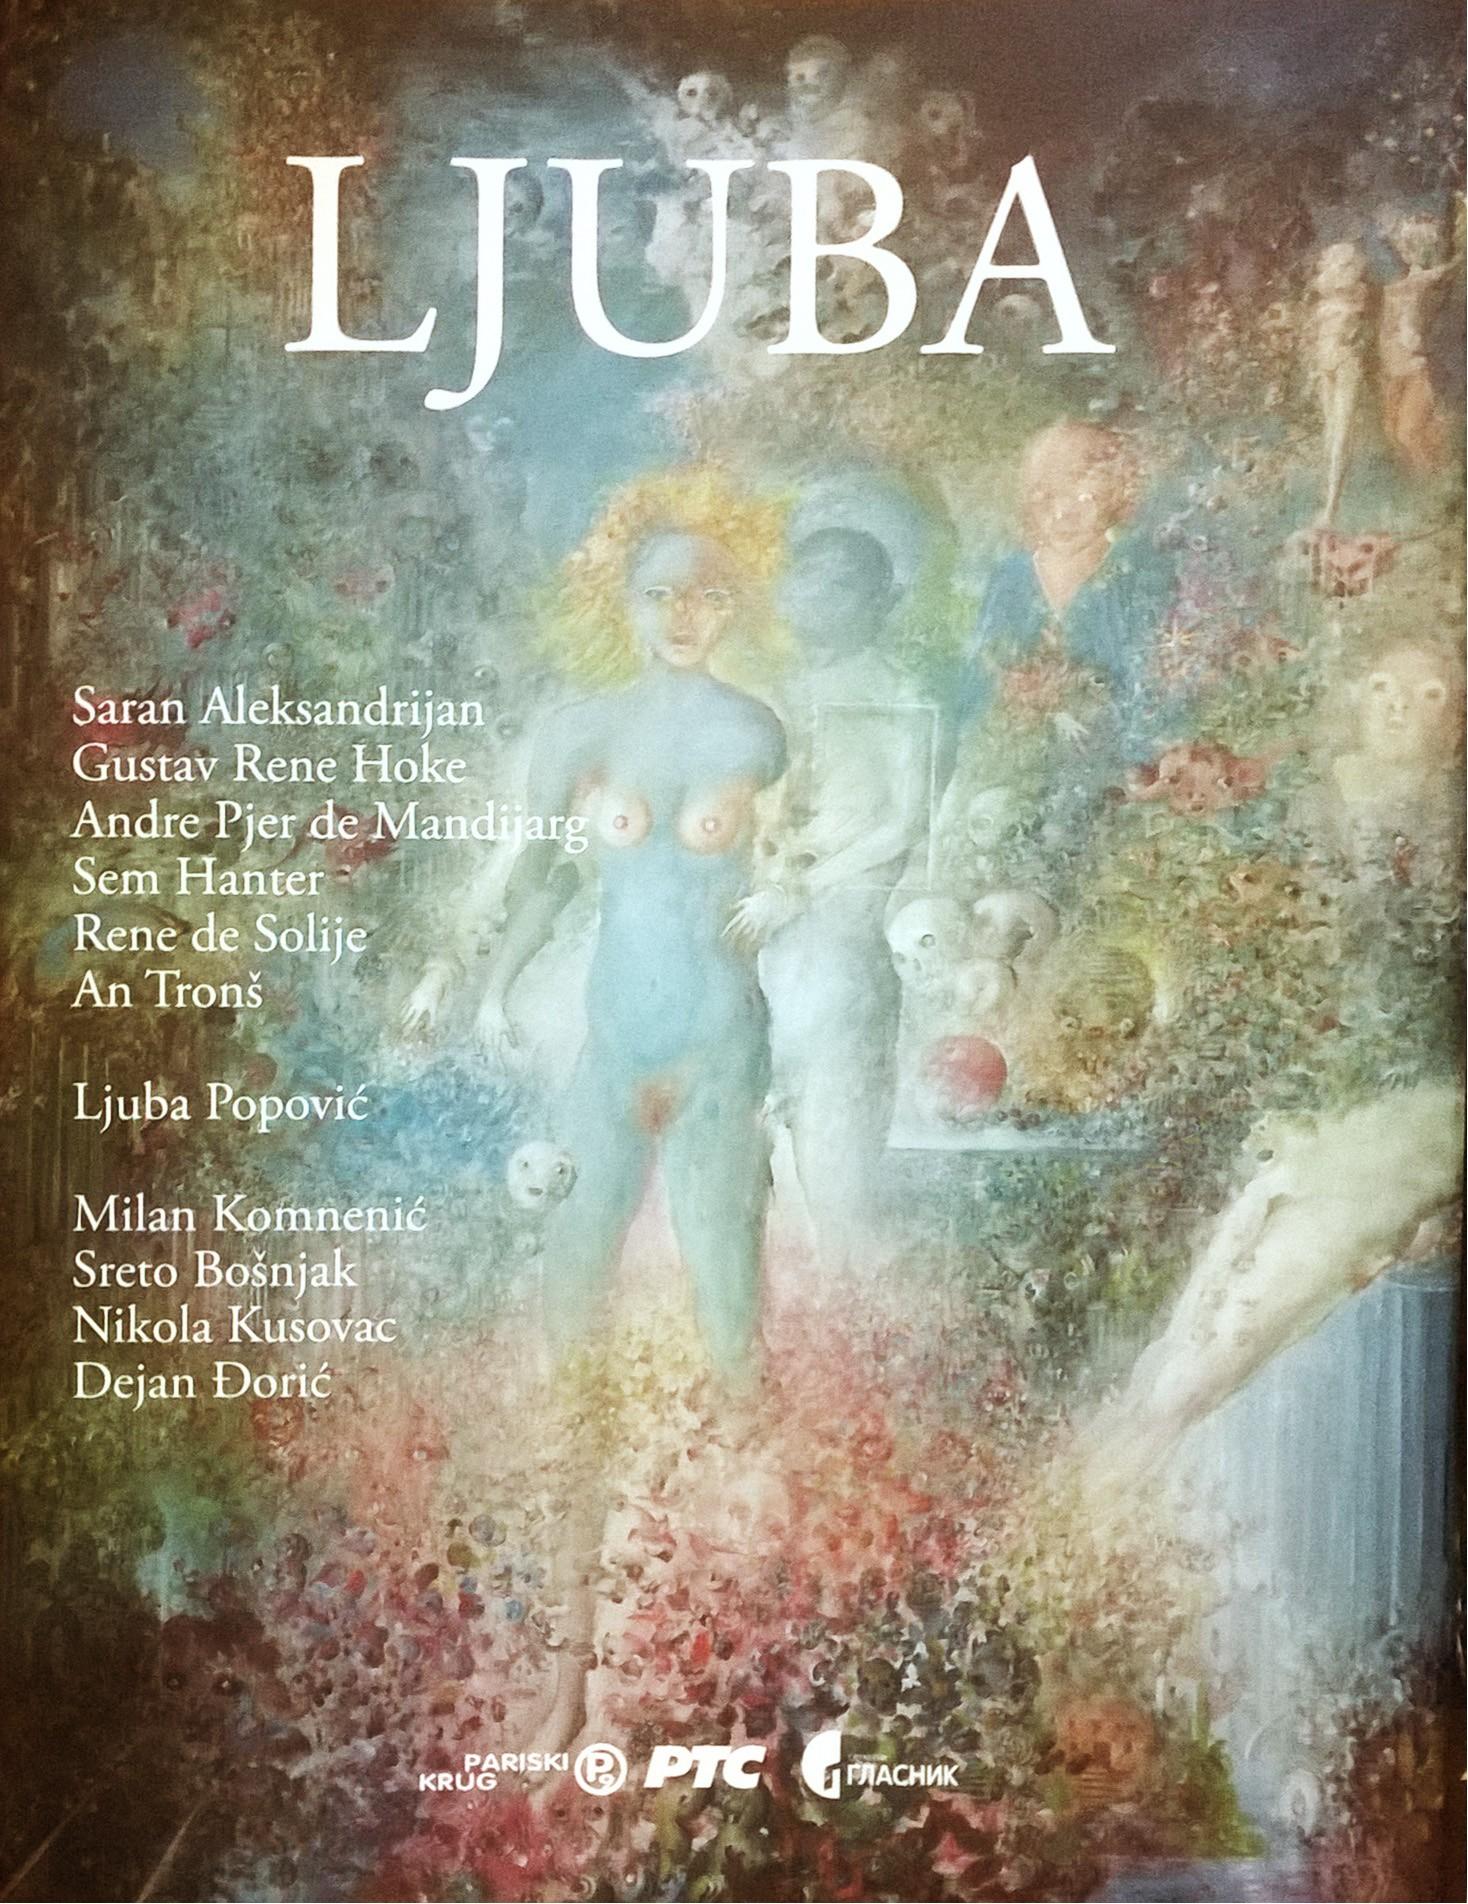 Monografija LJUBA (izbor radova) 1953-2015 - Prvo Izdanje